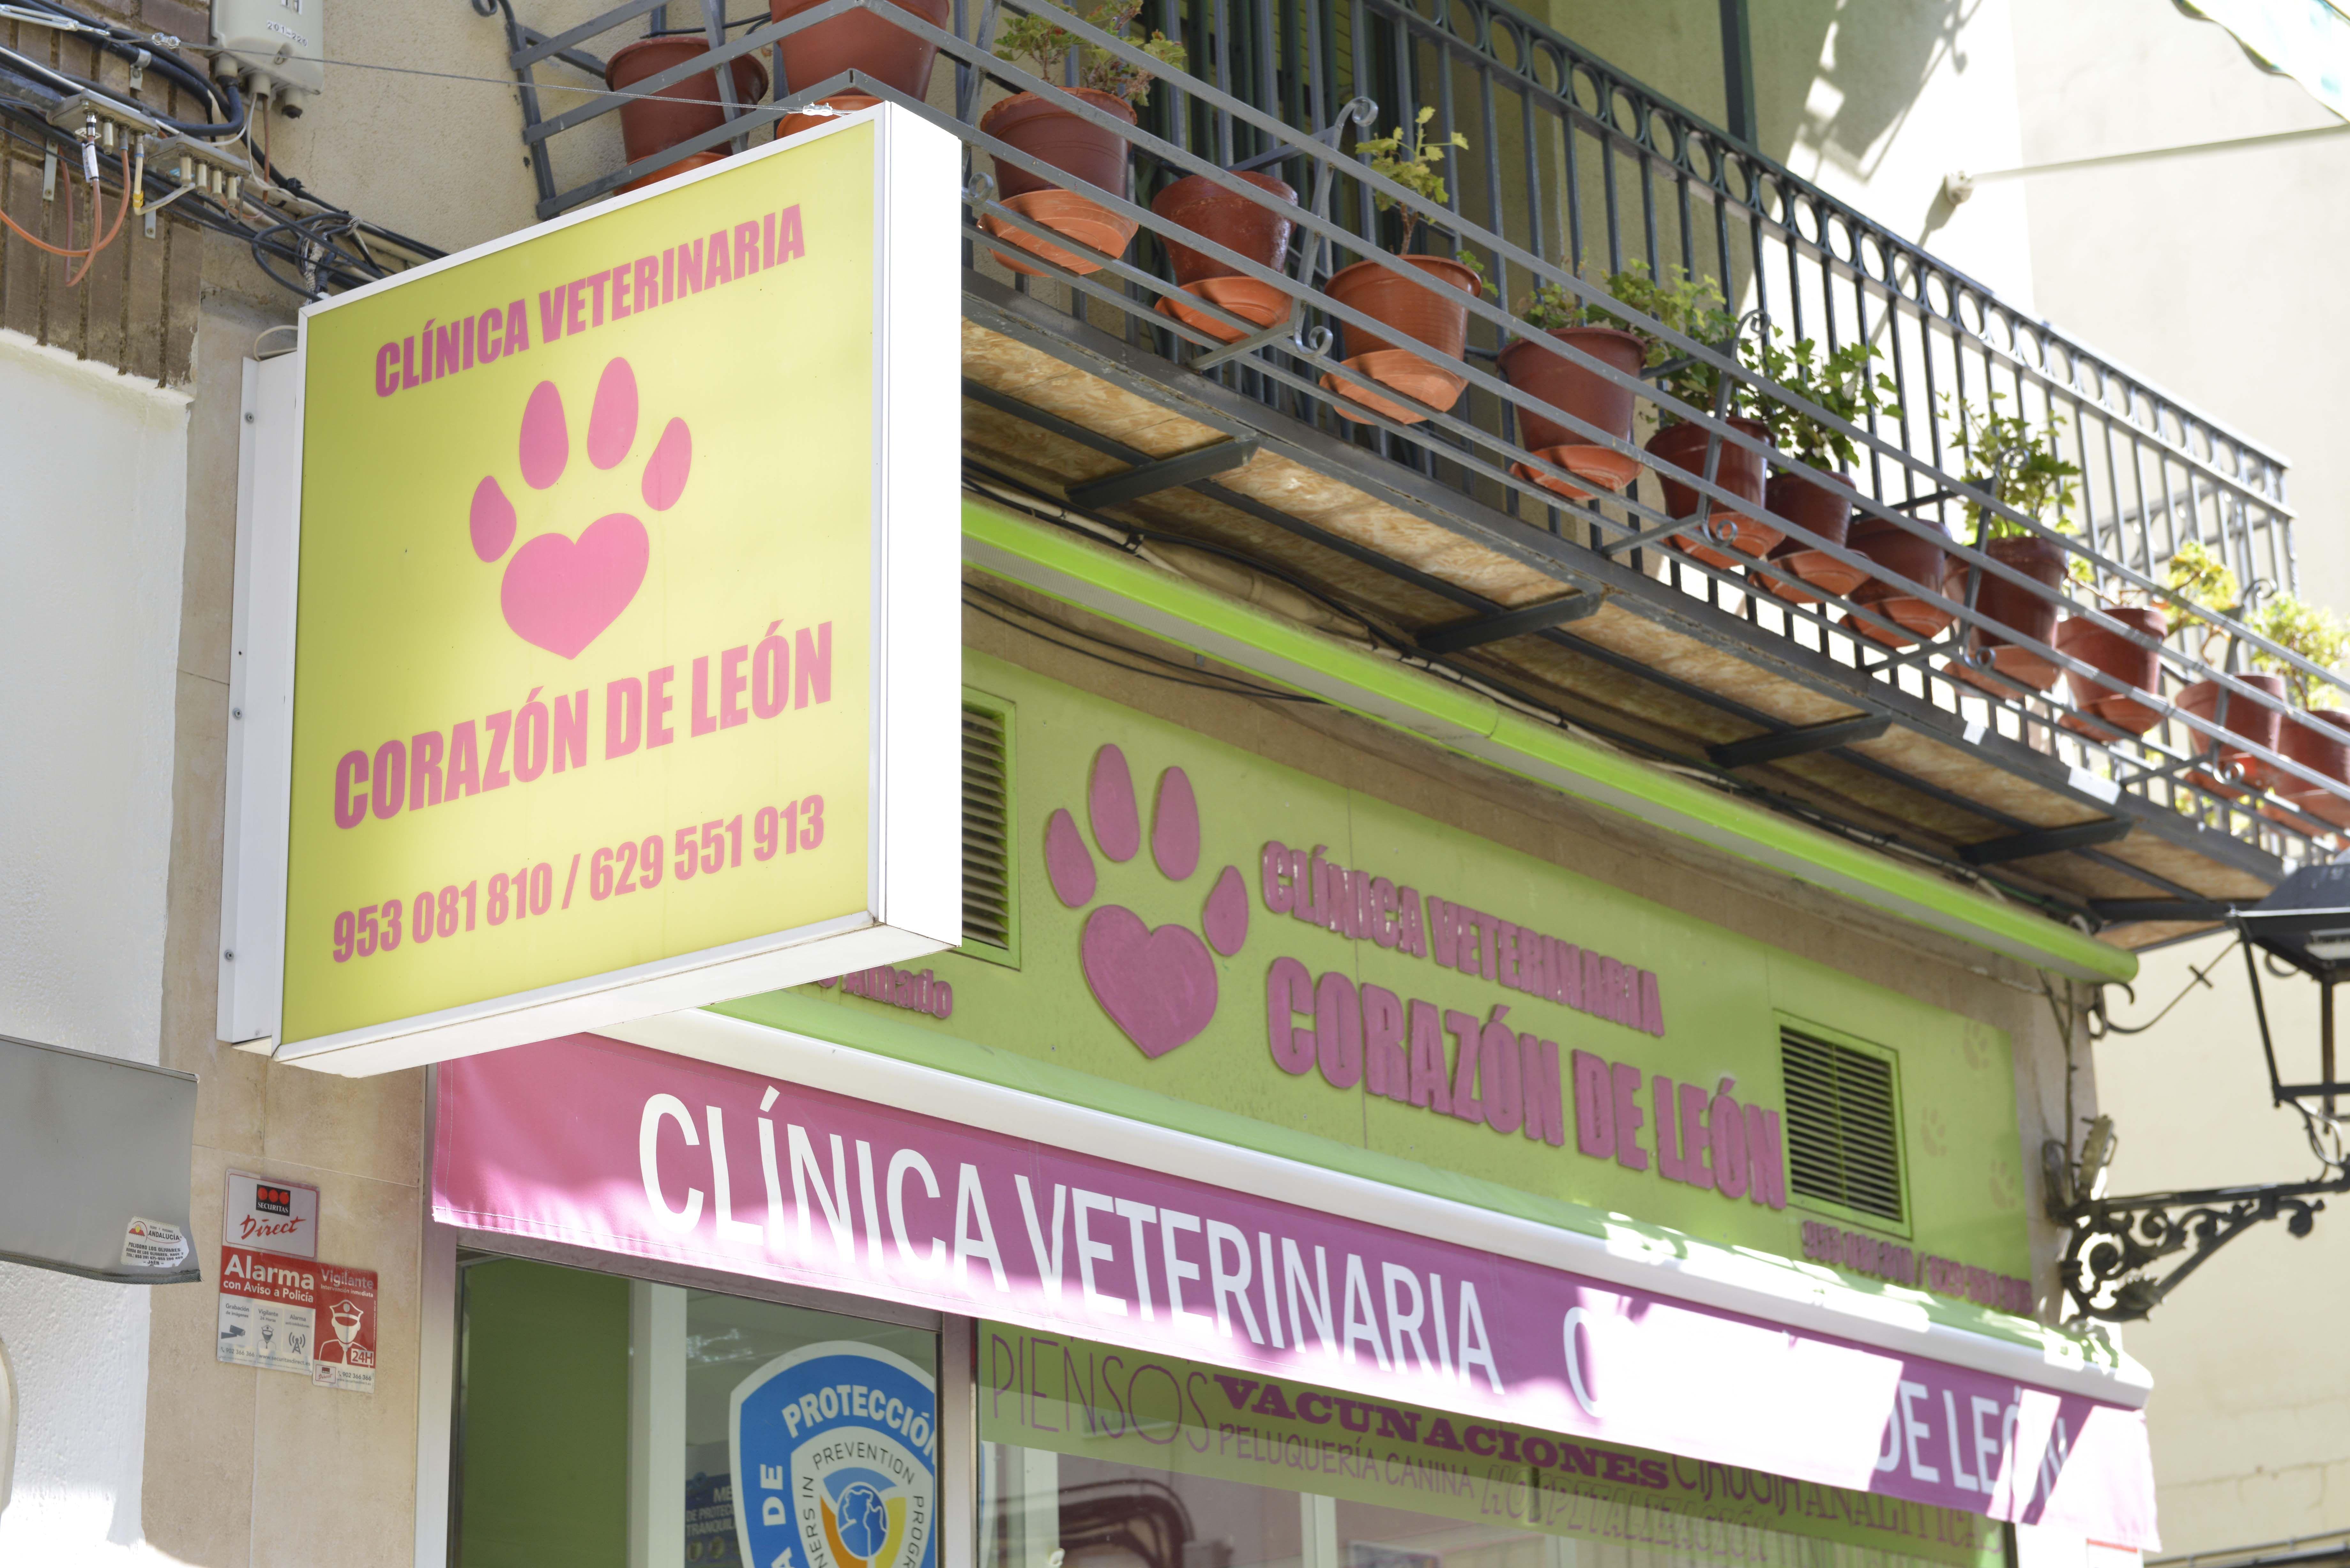 Rótulo de la Clínica Veterinaria Corazón de León